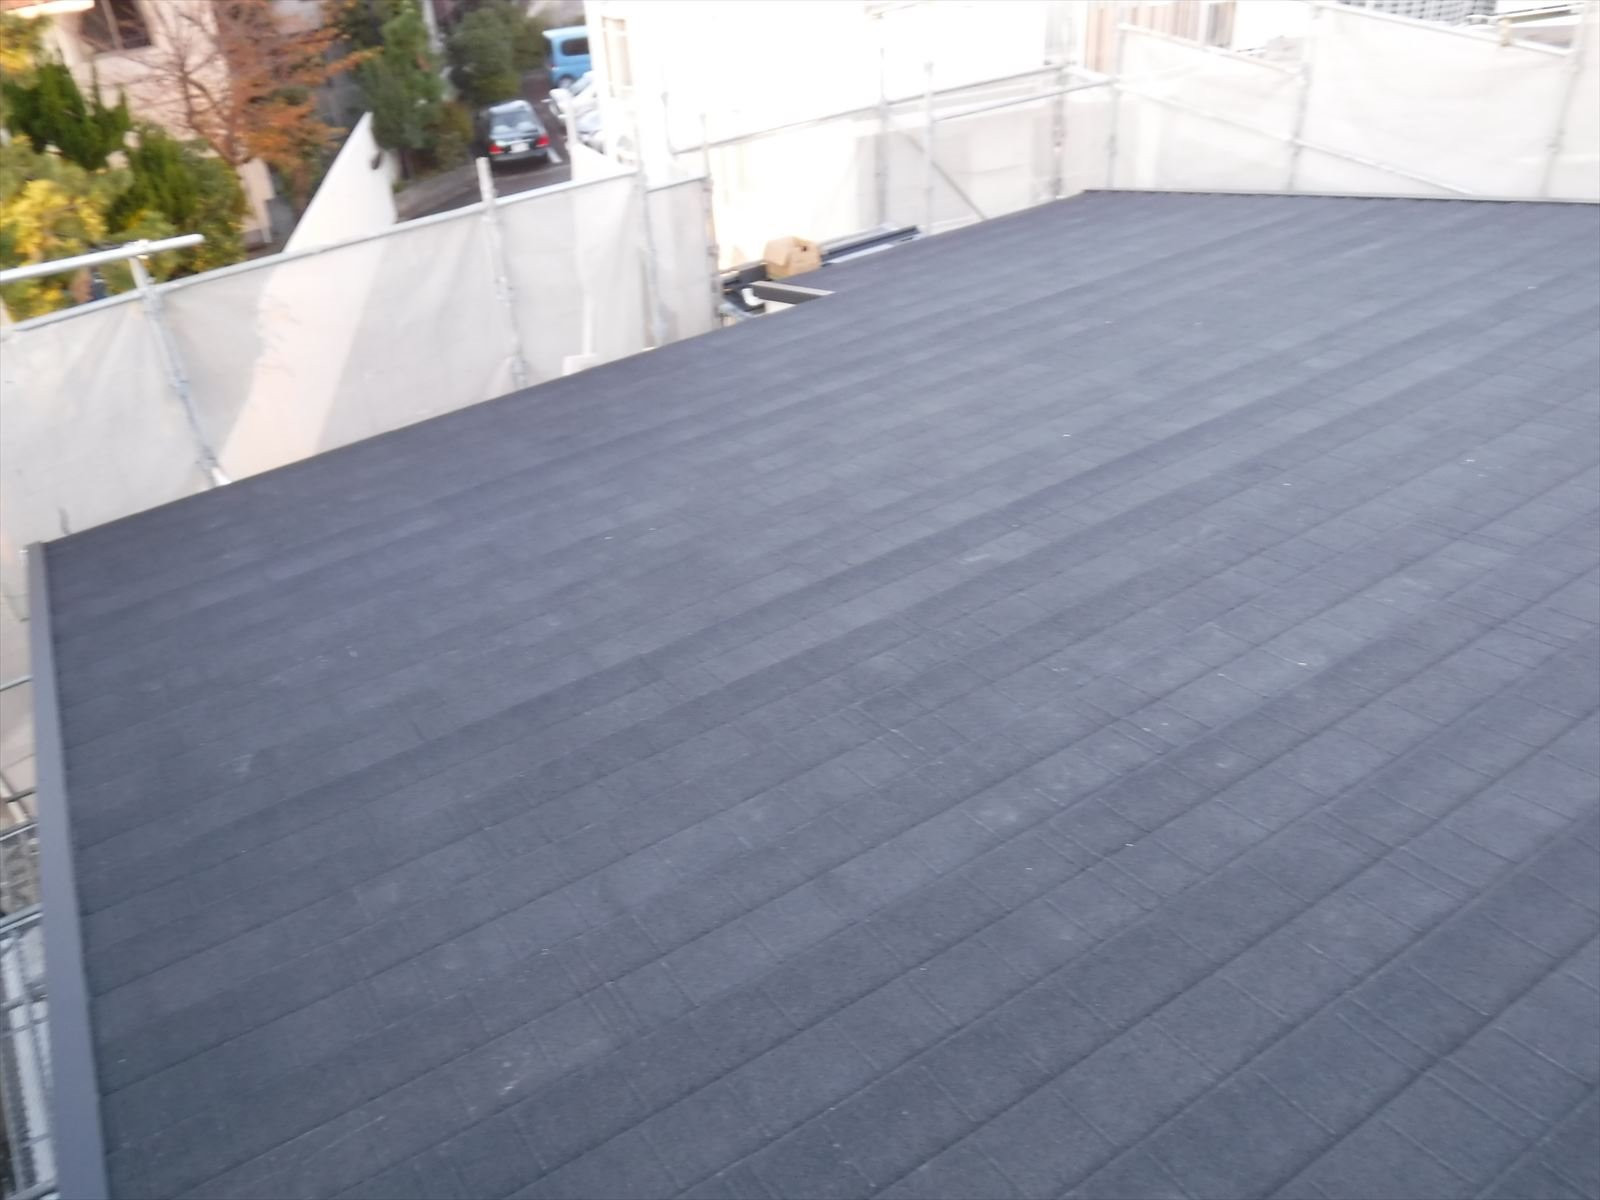 茅ヶ崎市 雨漏りによる屋根工事(カバー工法)画像5